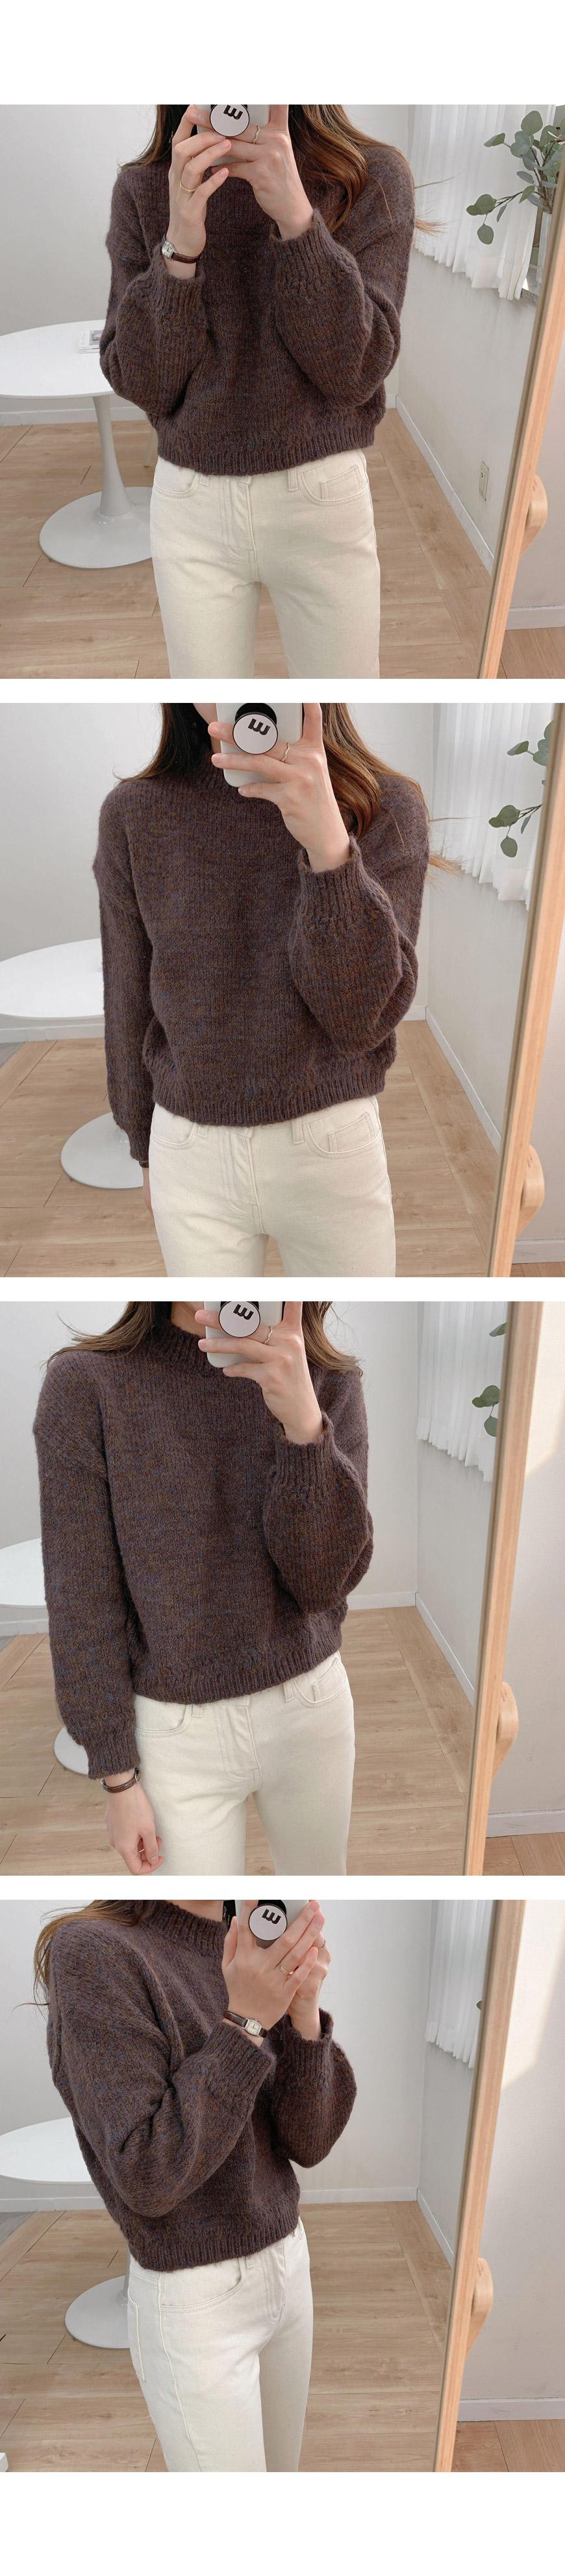 마시멜로 반목 보카시 knit - 3color